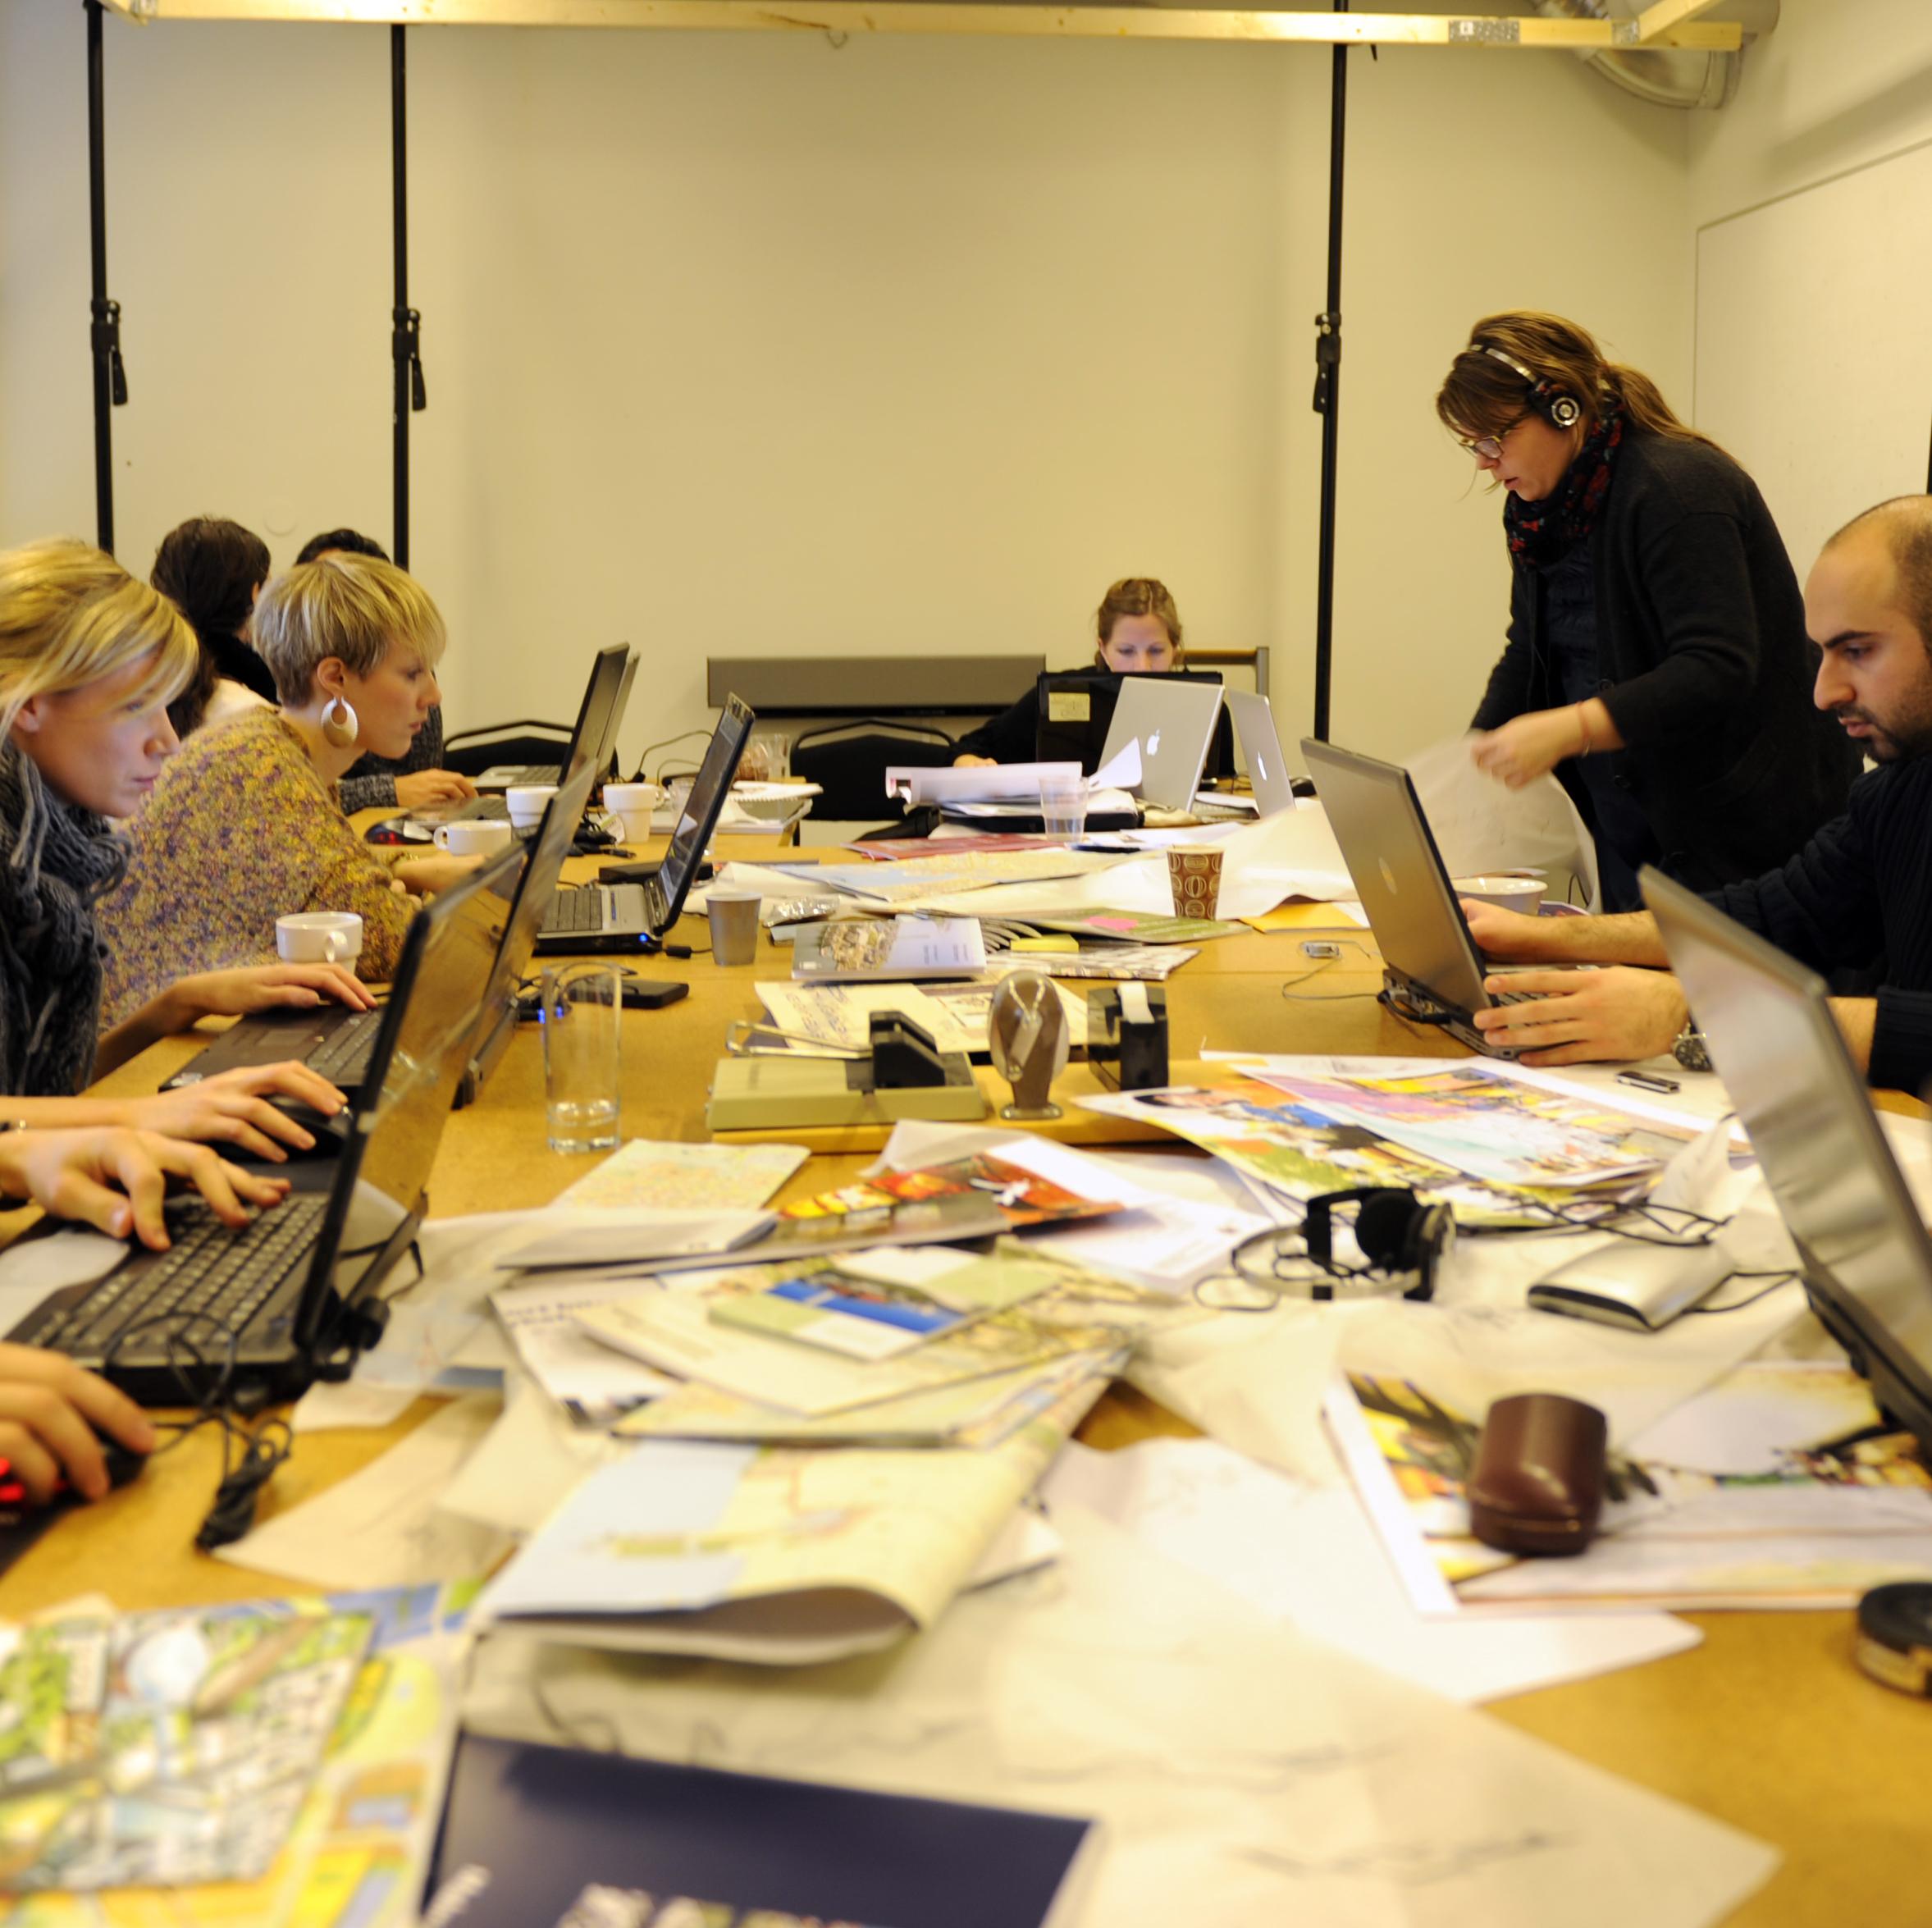 Vision workshop